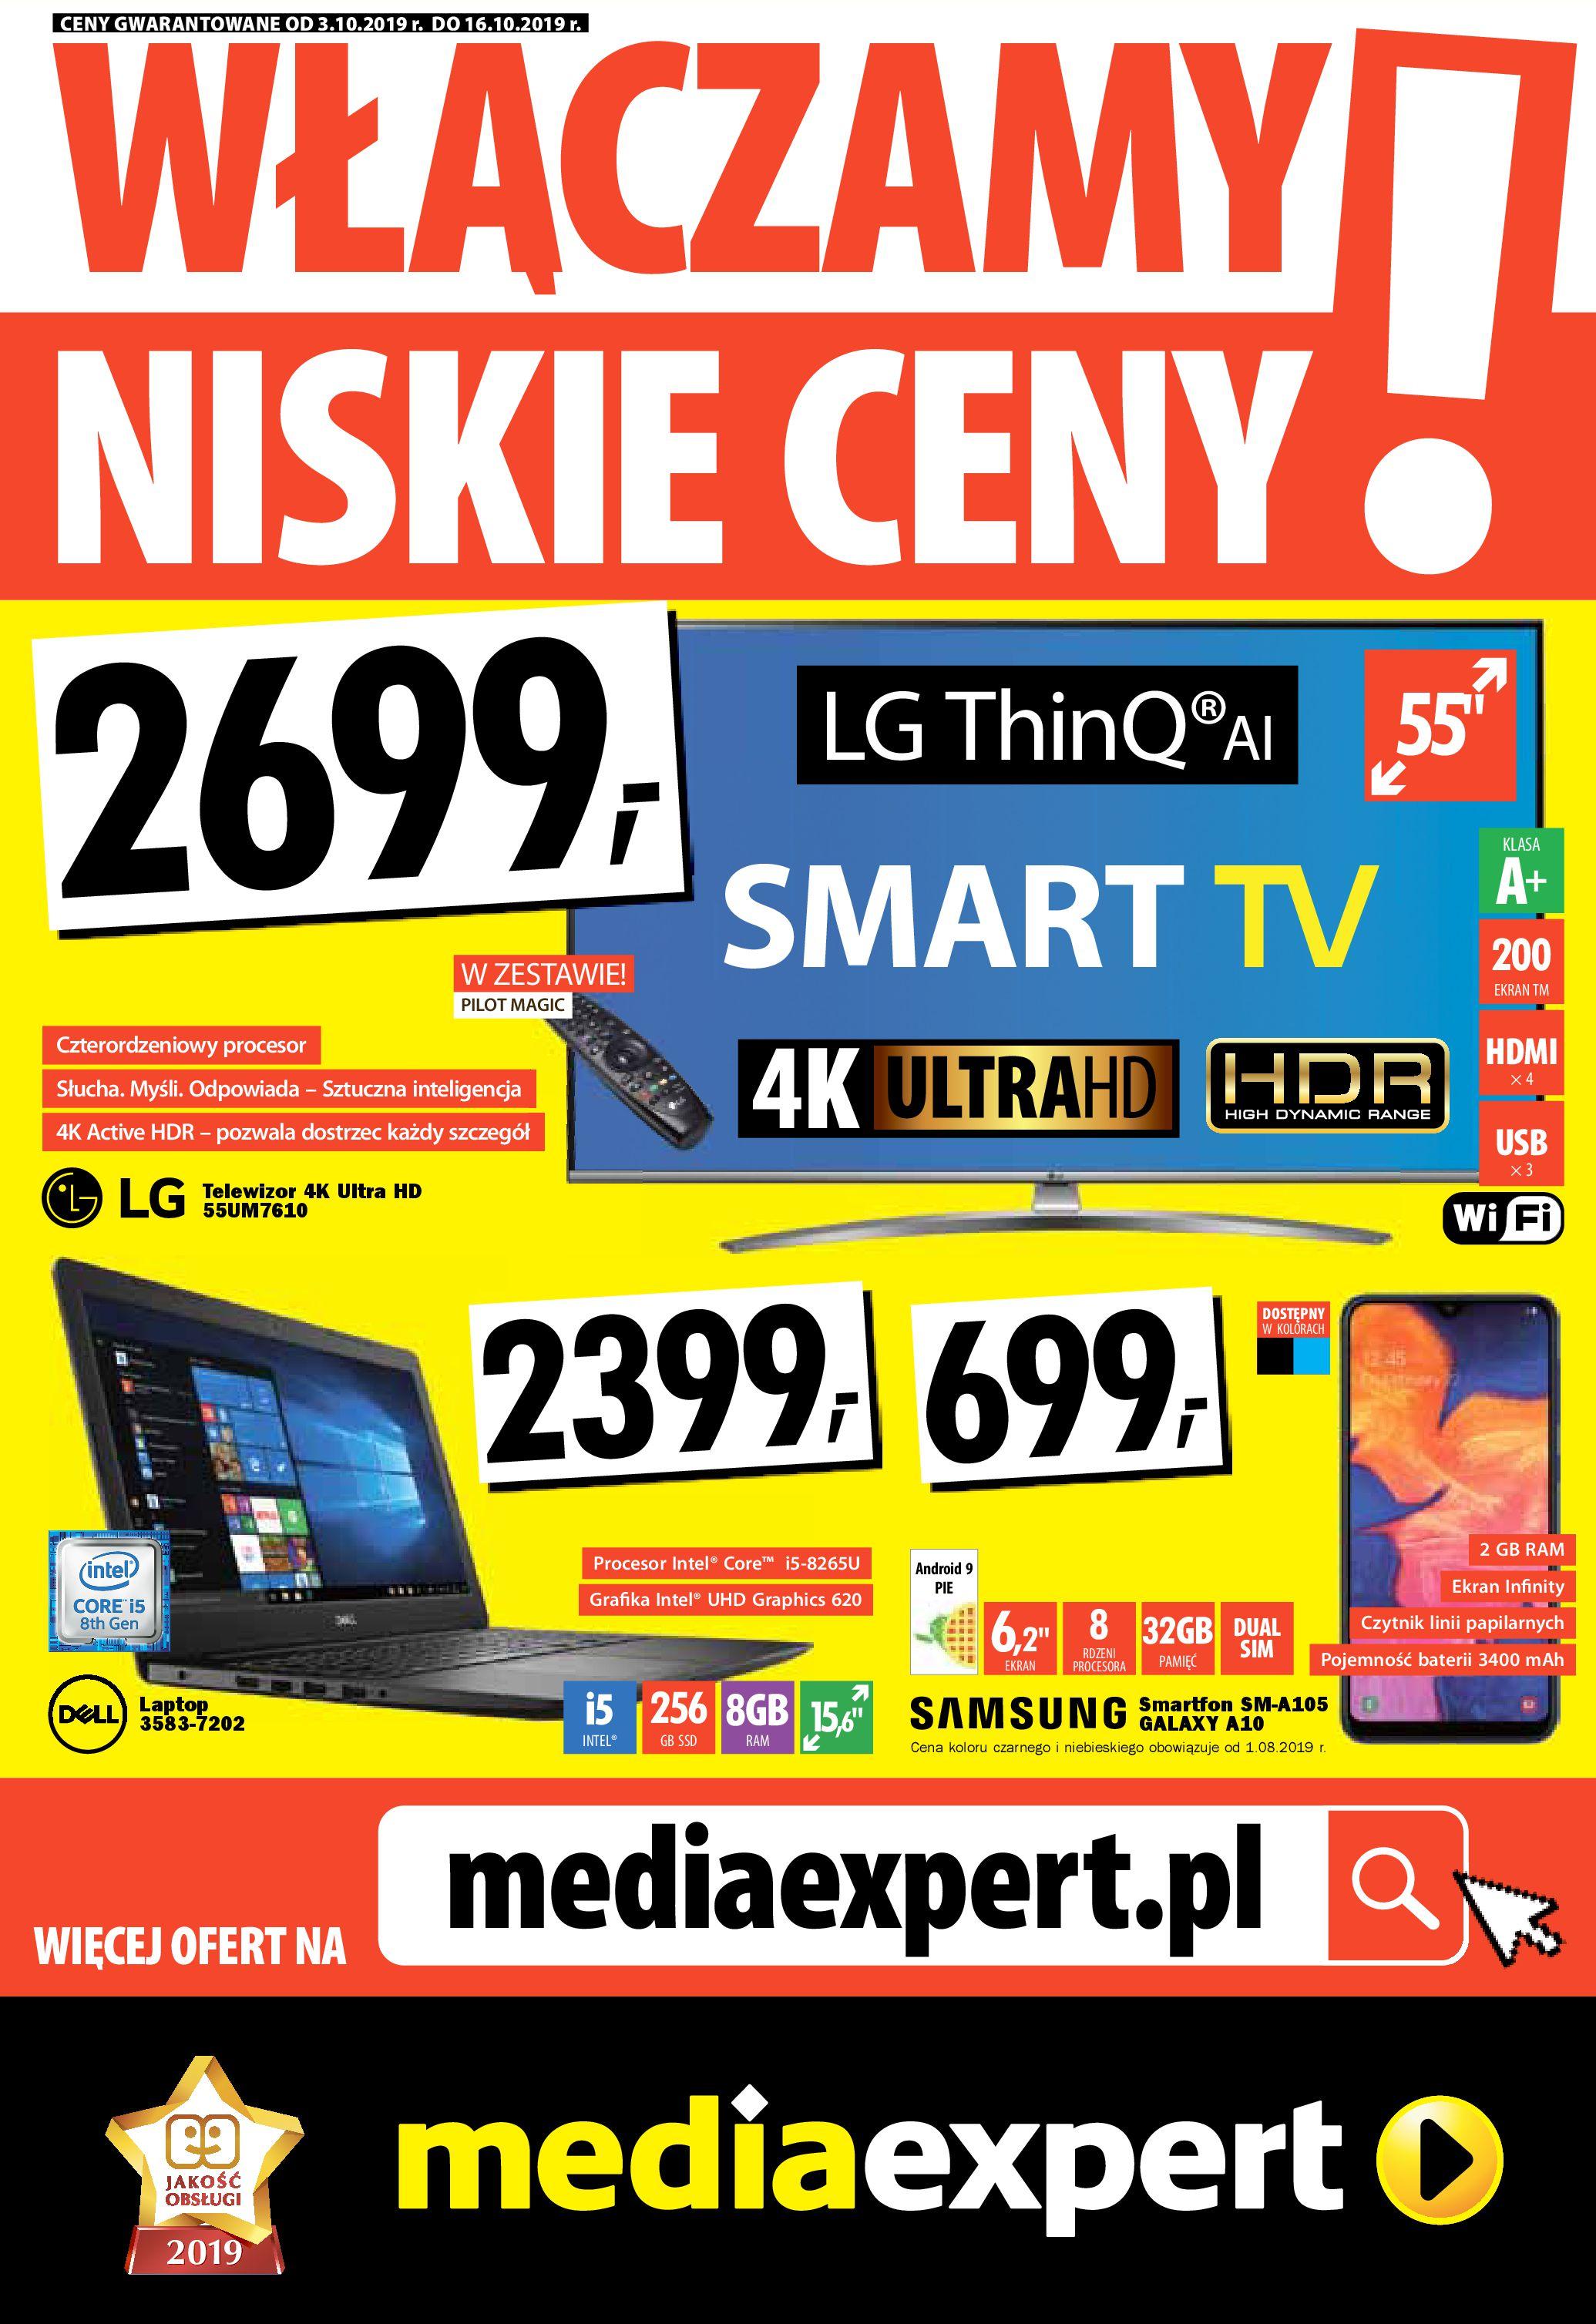 Gazetka Media Expert - WŁĄCZAMY NISKIE CENY!-02.10.2019-16.10.2019-page-1